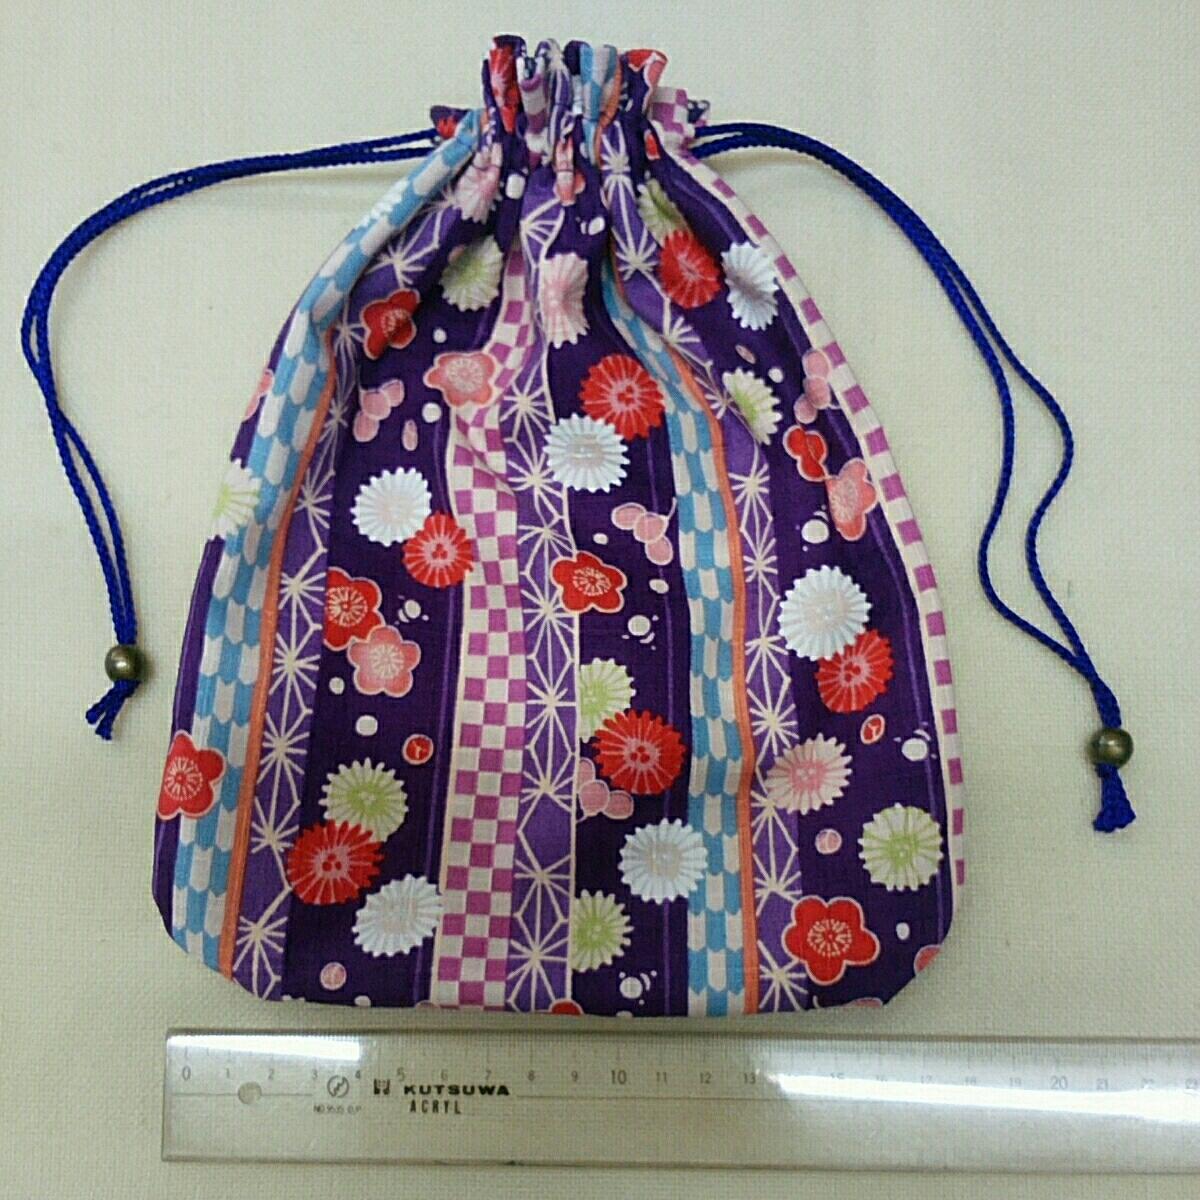 *手作り*和風巾着:和調花柄菊と梅:紫色:外国の方へのお土産などに